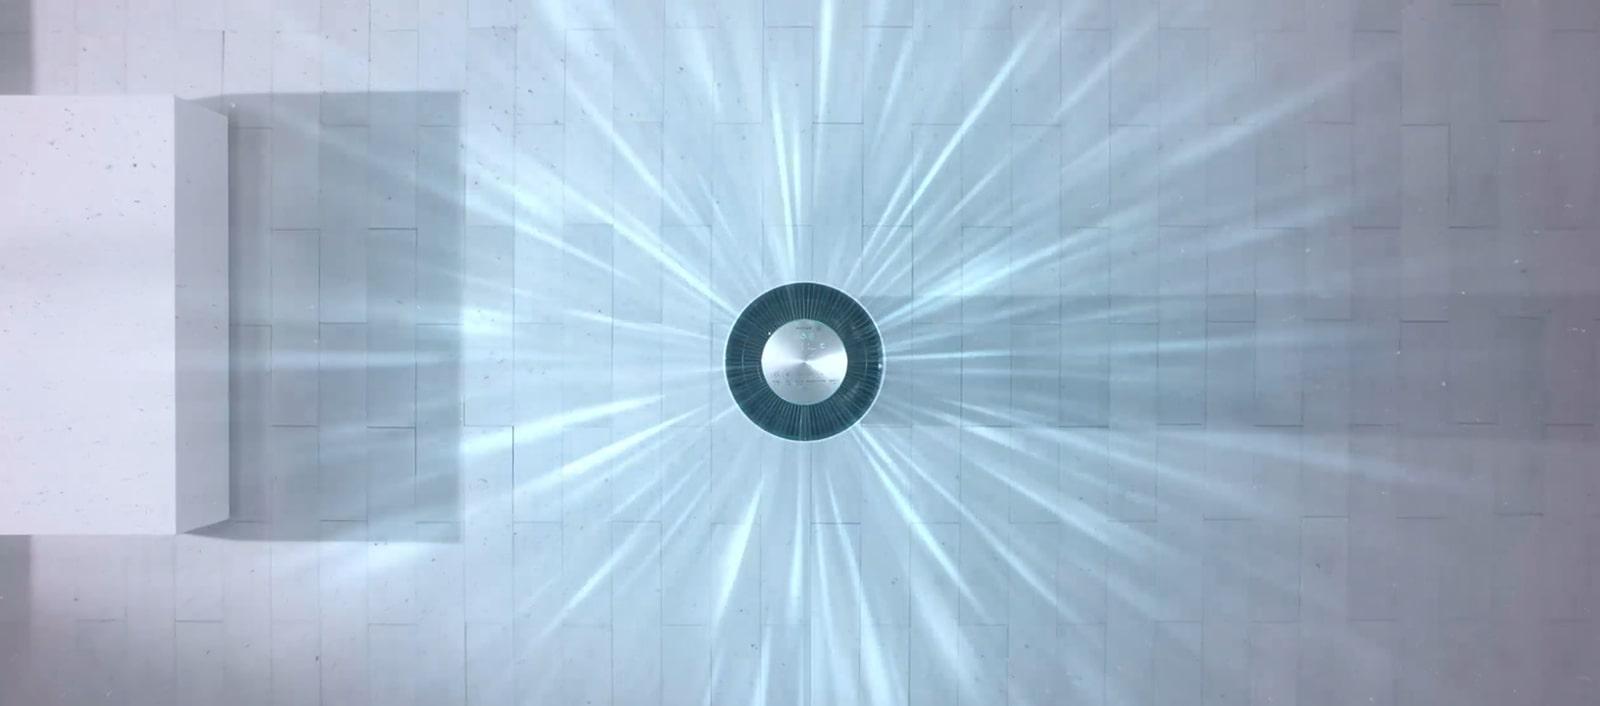 Hình ảnh mô tả máy lọc không khí hút khí bẩn và đẩy khí sạch ra mọi hướng